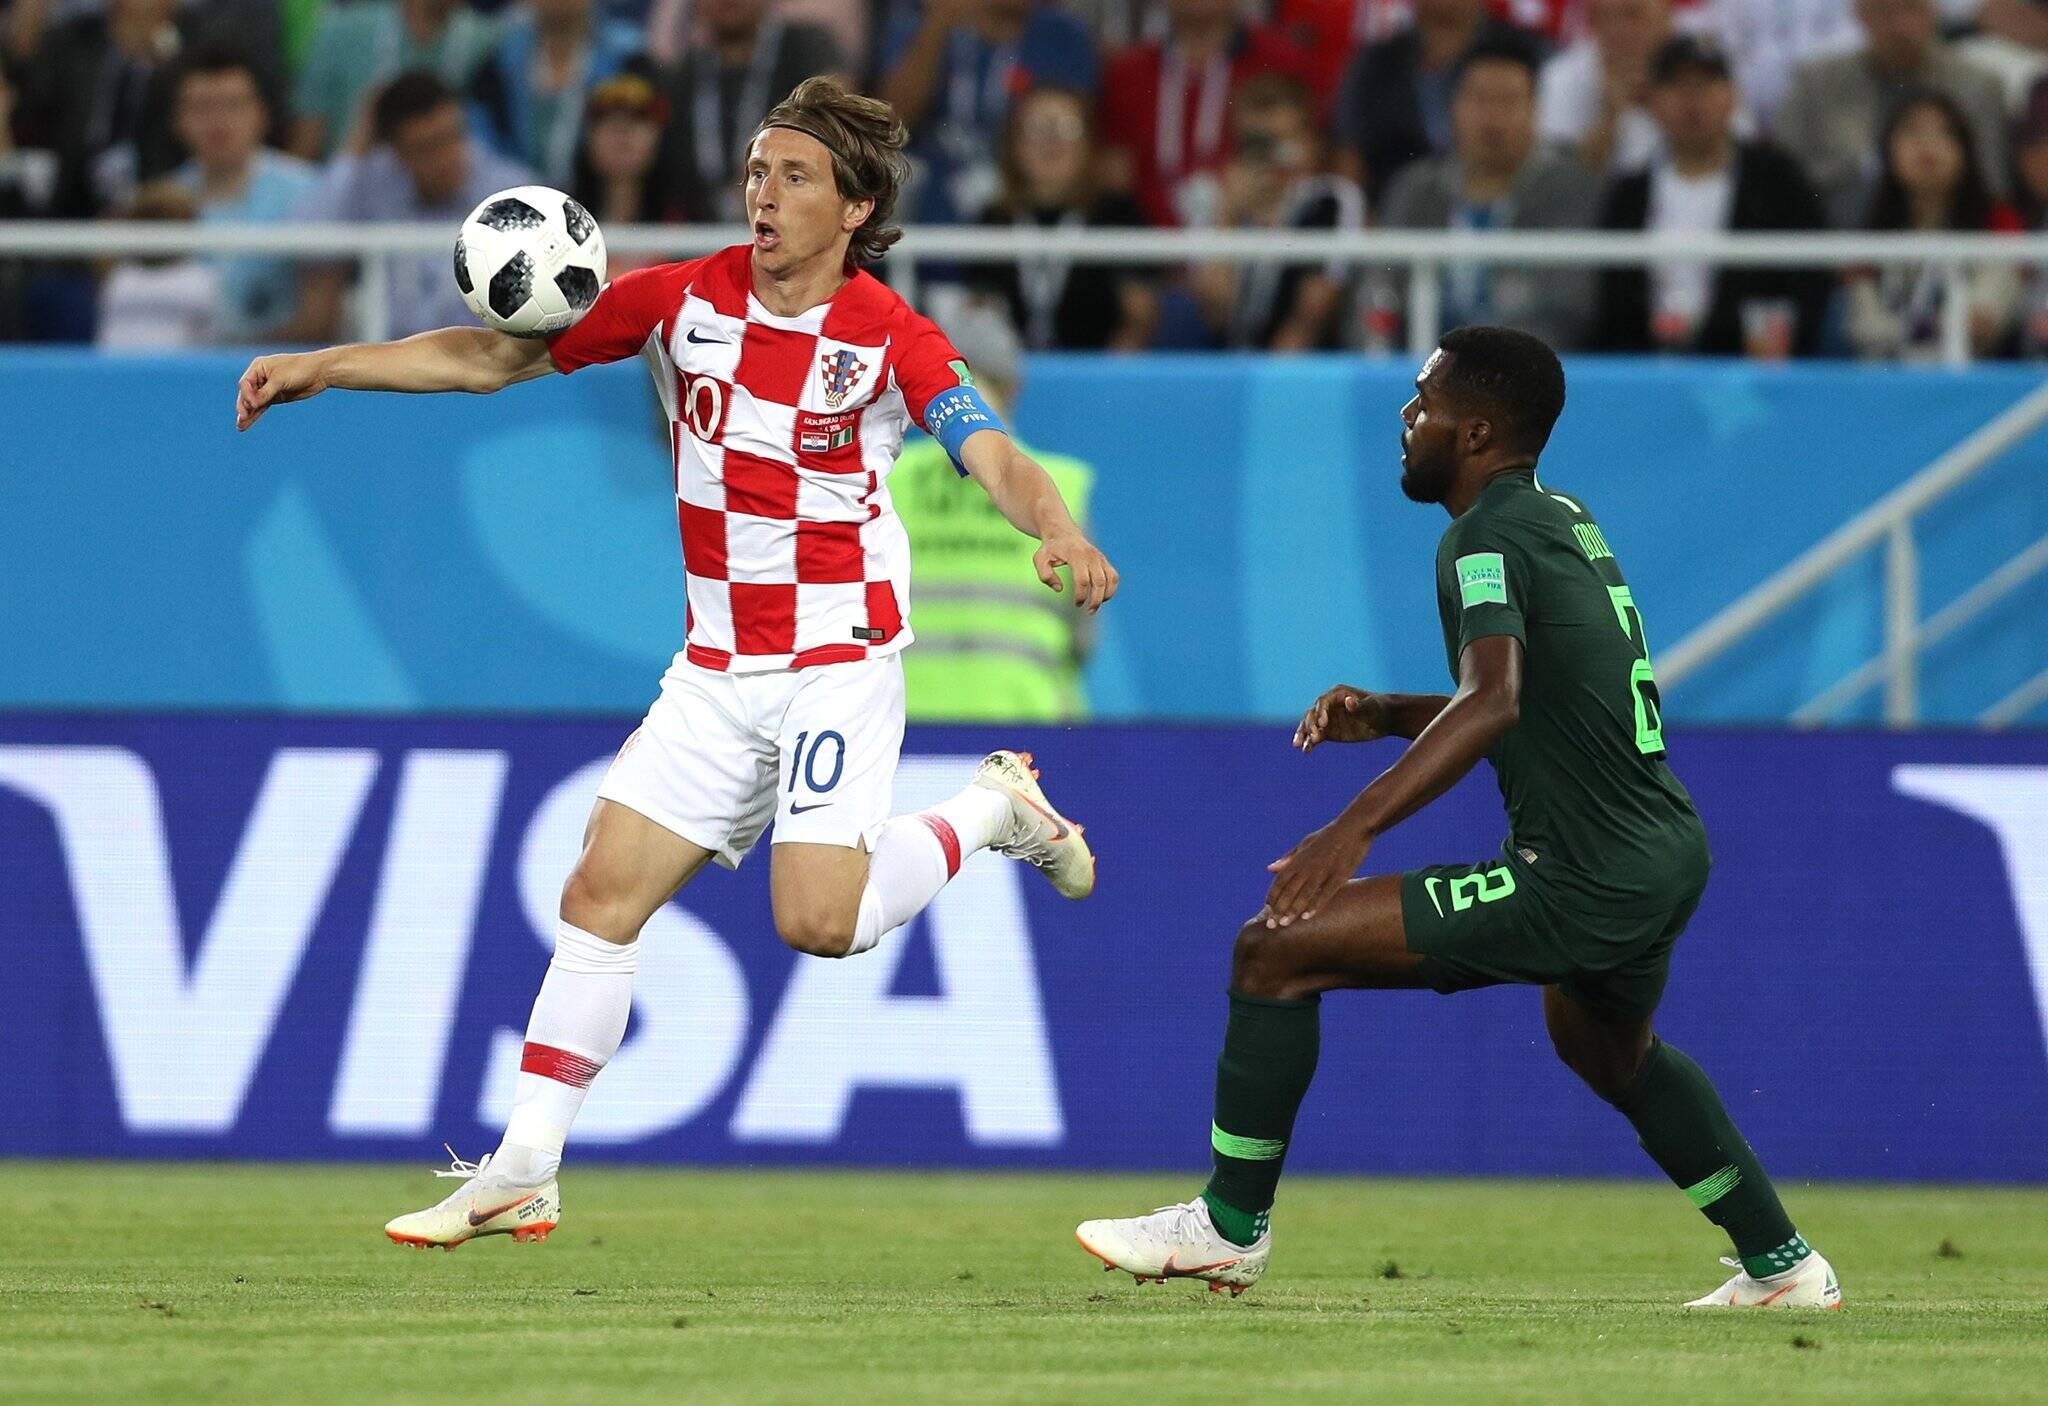 Foto: Divulgação/Federação Croata de Futebol